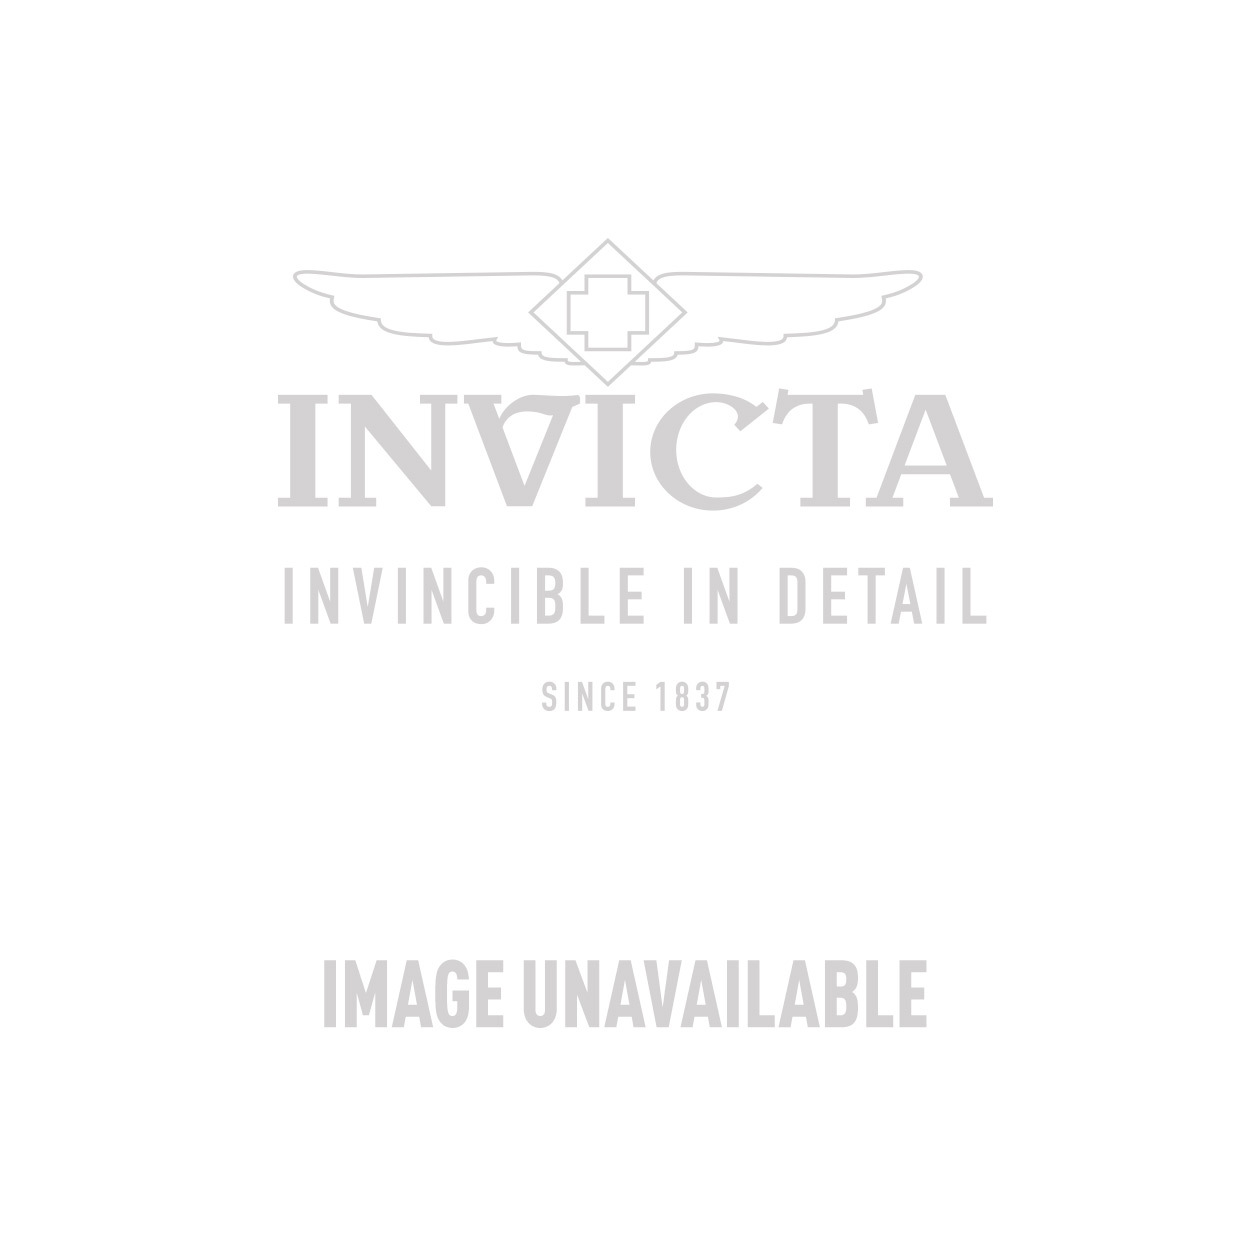 Invicta Model 25241